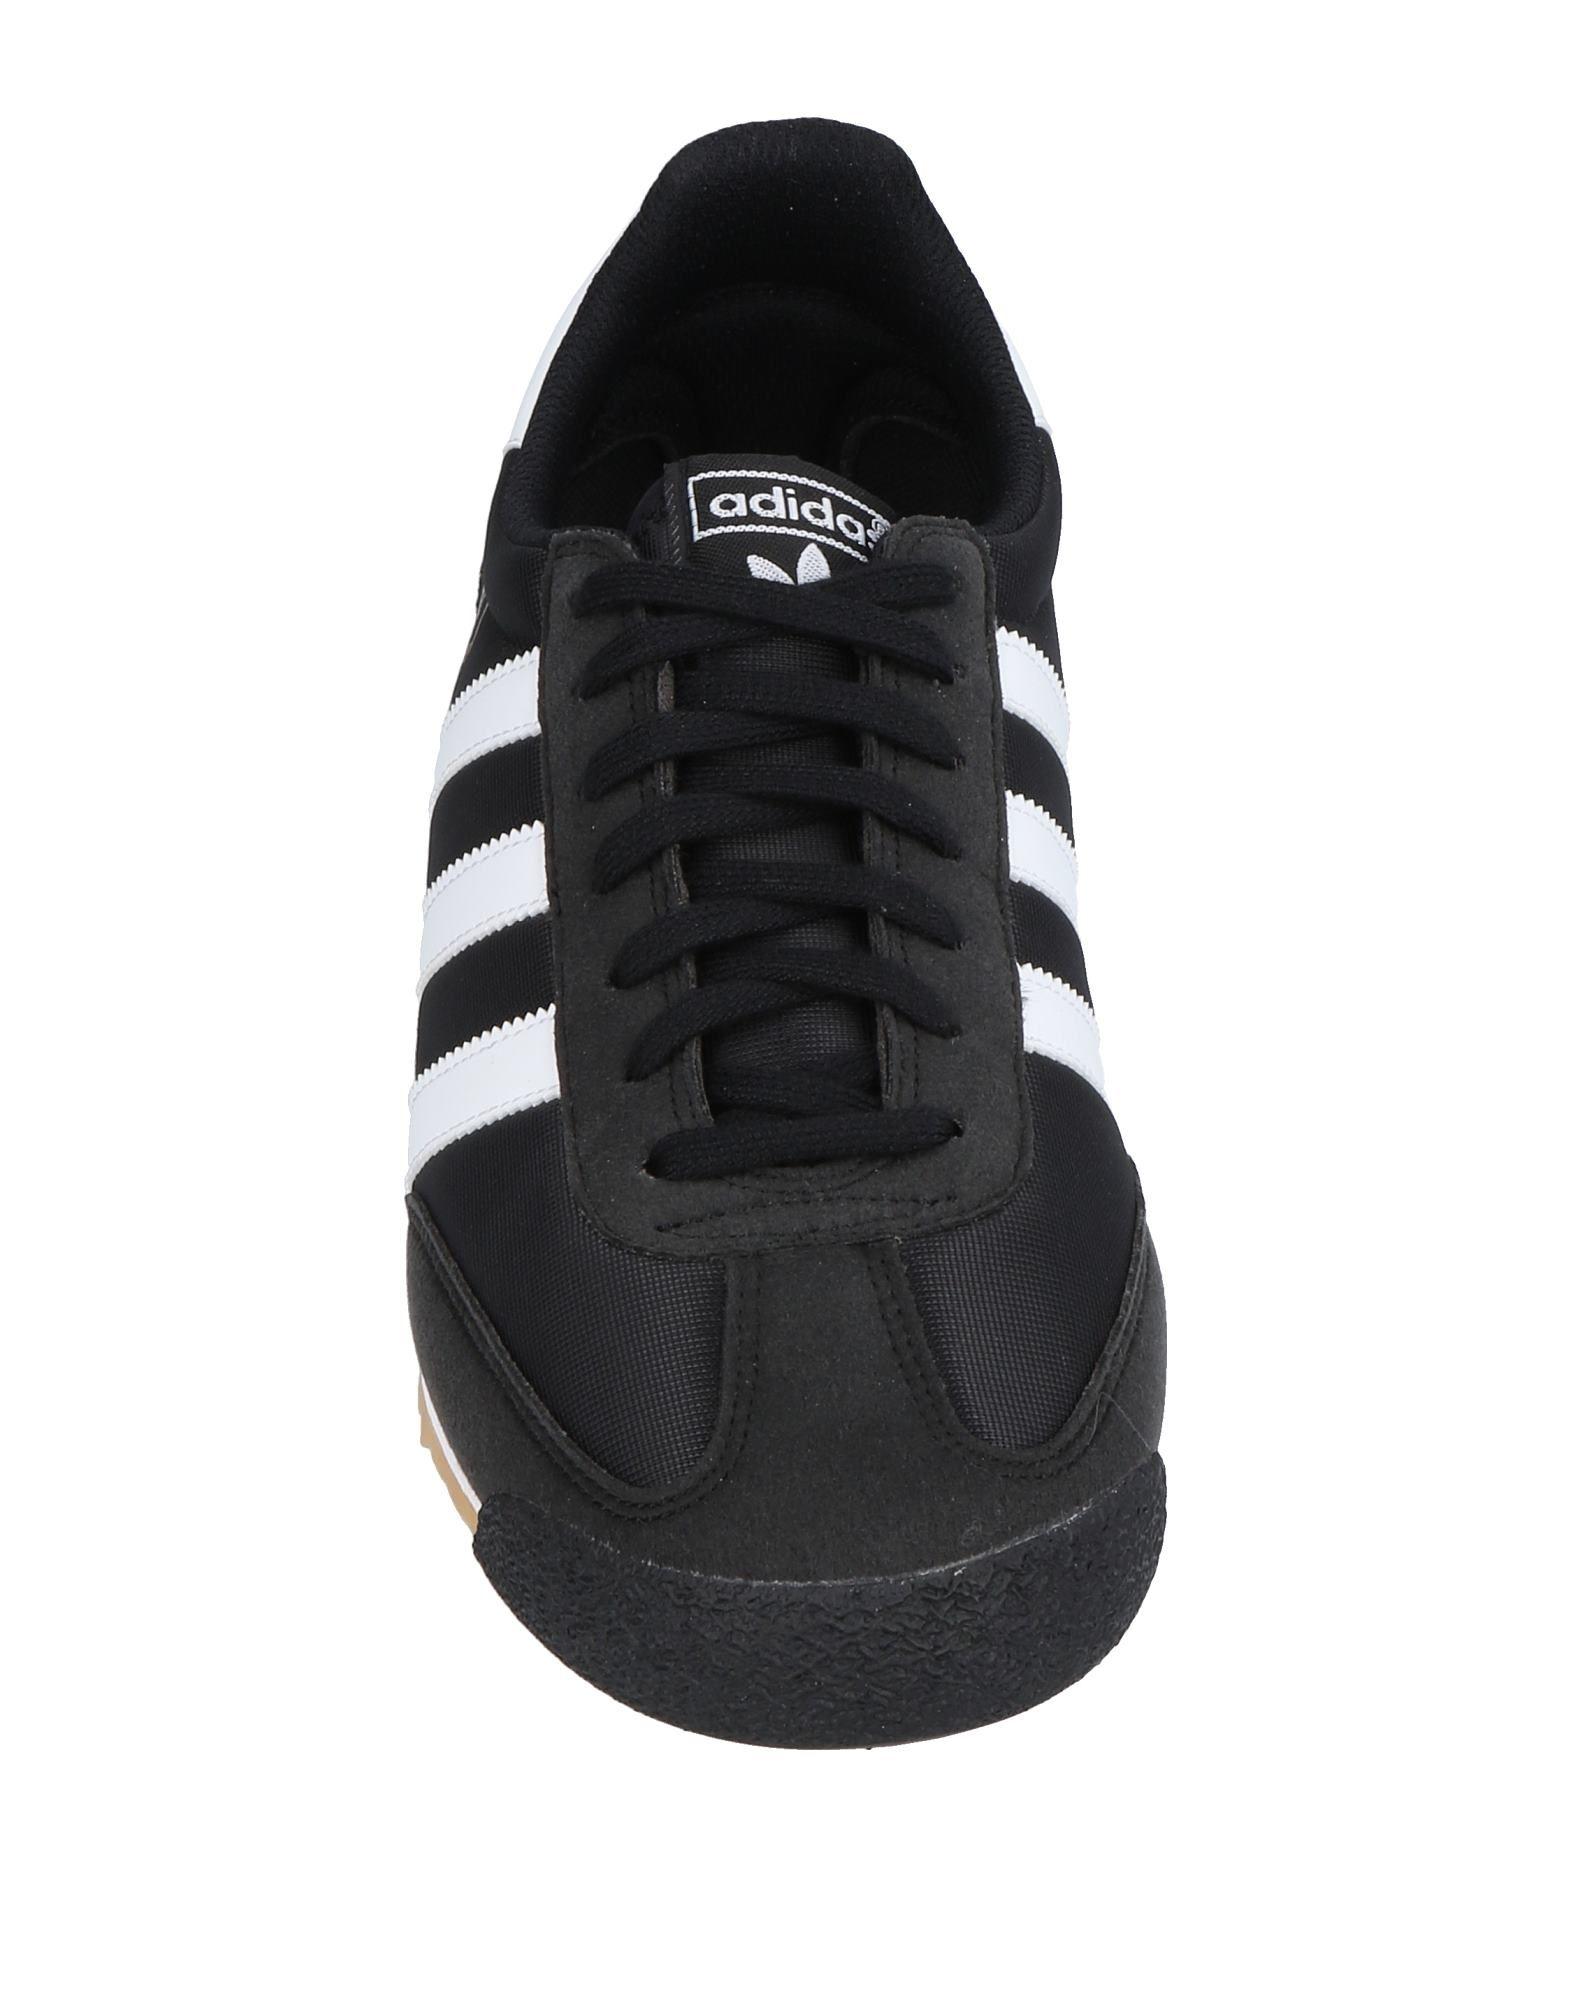 Rabatt Sneakers echte Schuhe Adidas Originals Sneakers Rabatt Herren  11462373QB 66bf30